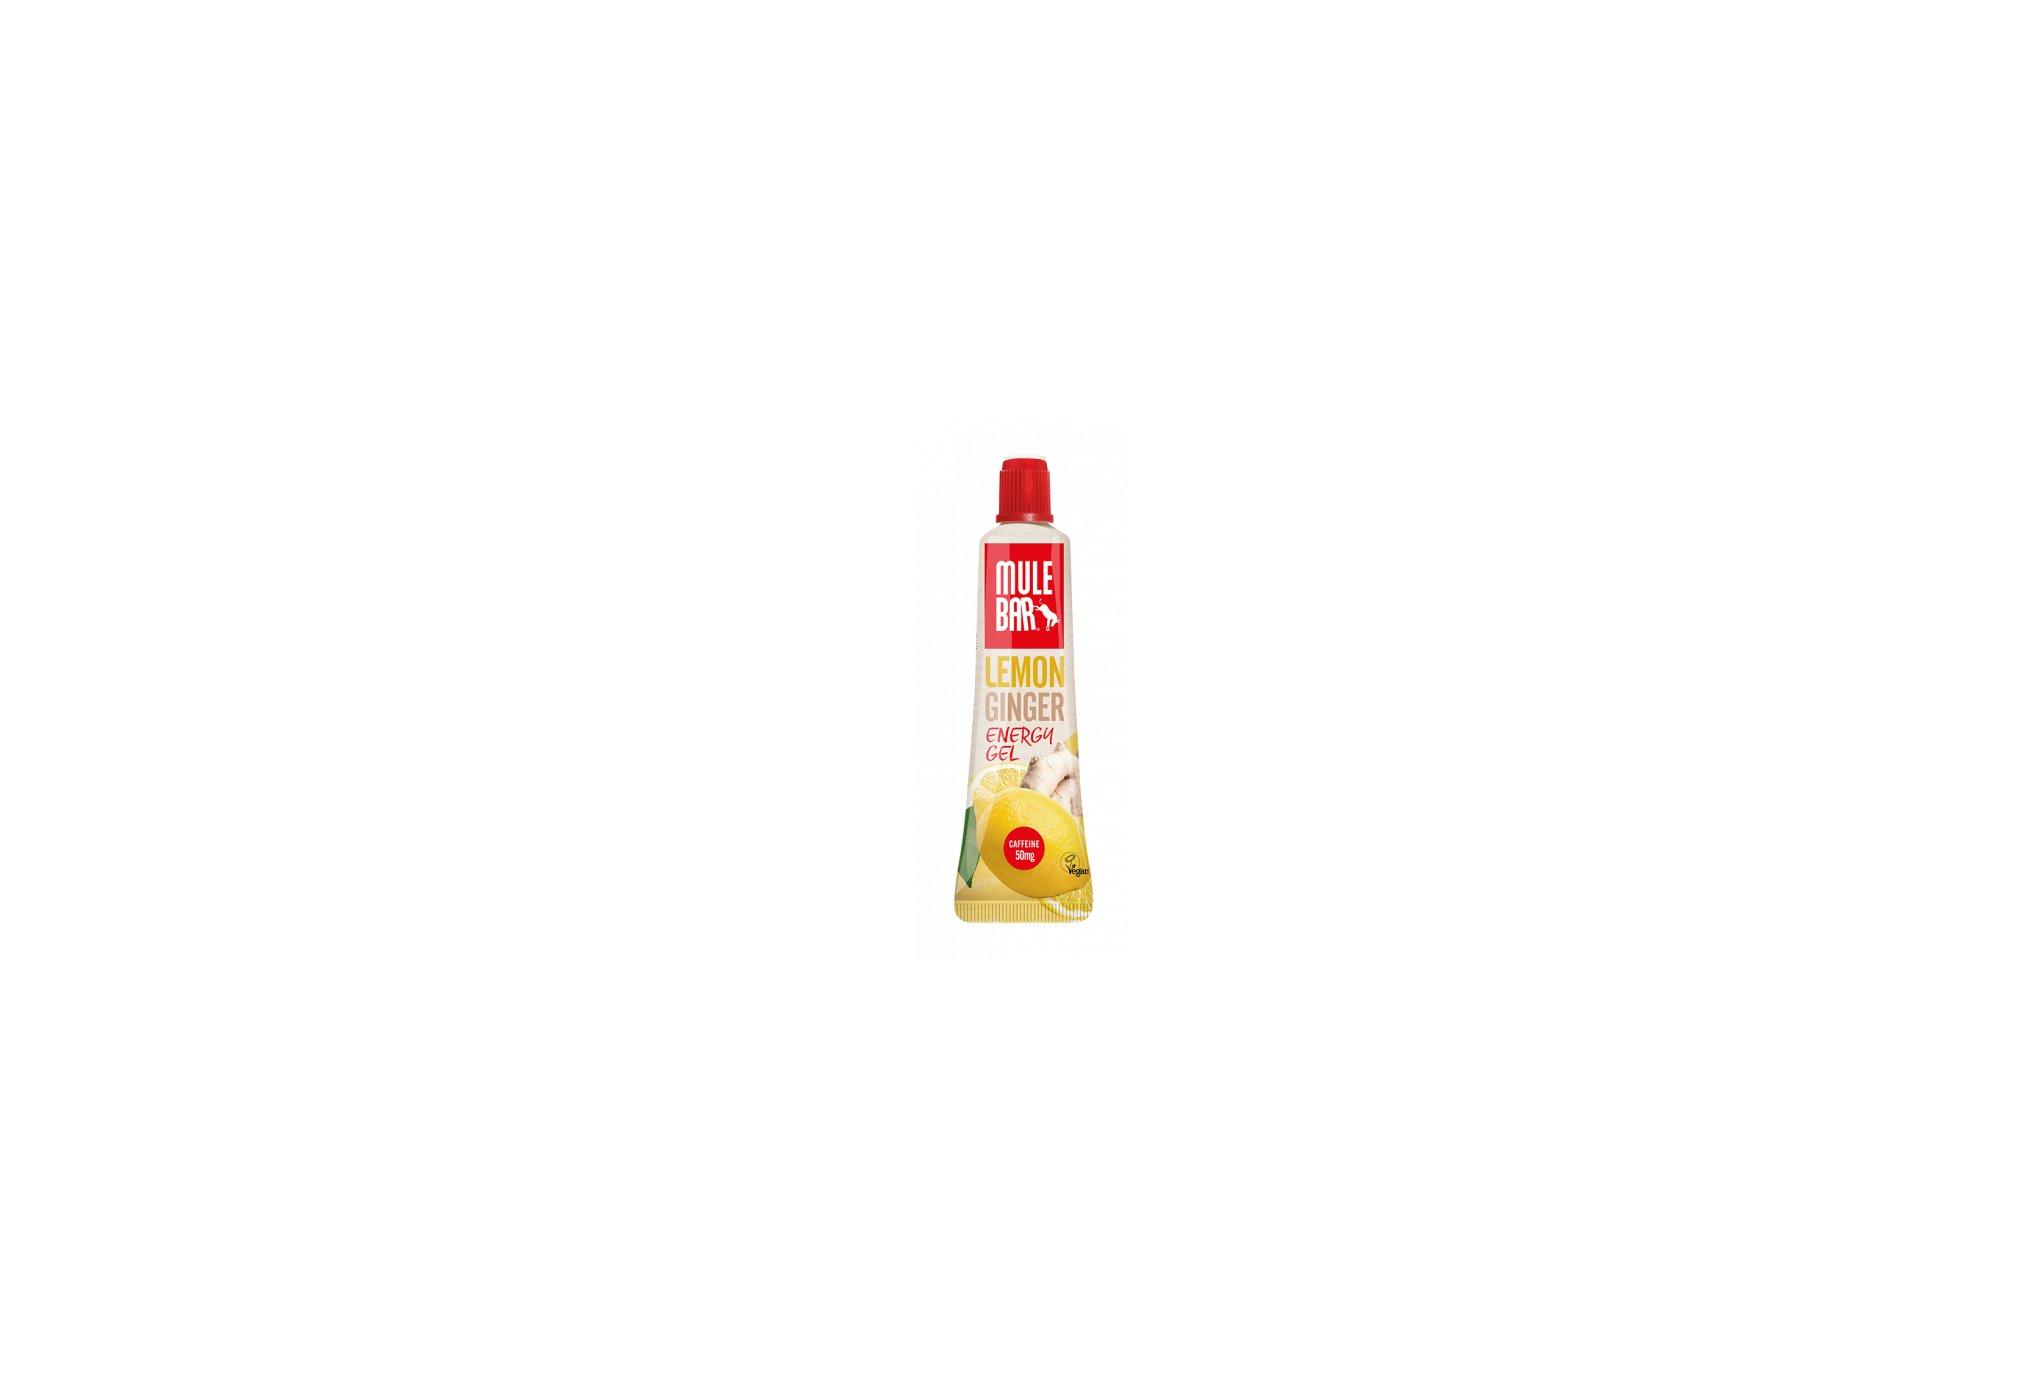 Mulebar Gel Energy Lemon Zinger Vegan - Citron/Gingembre Diététique Gels